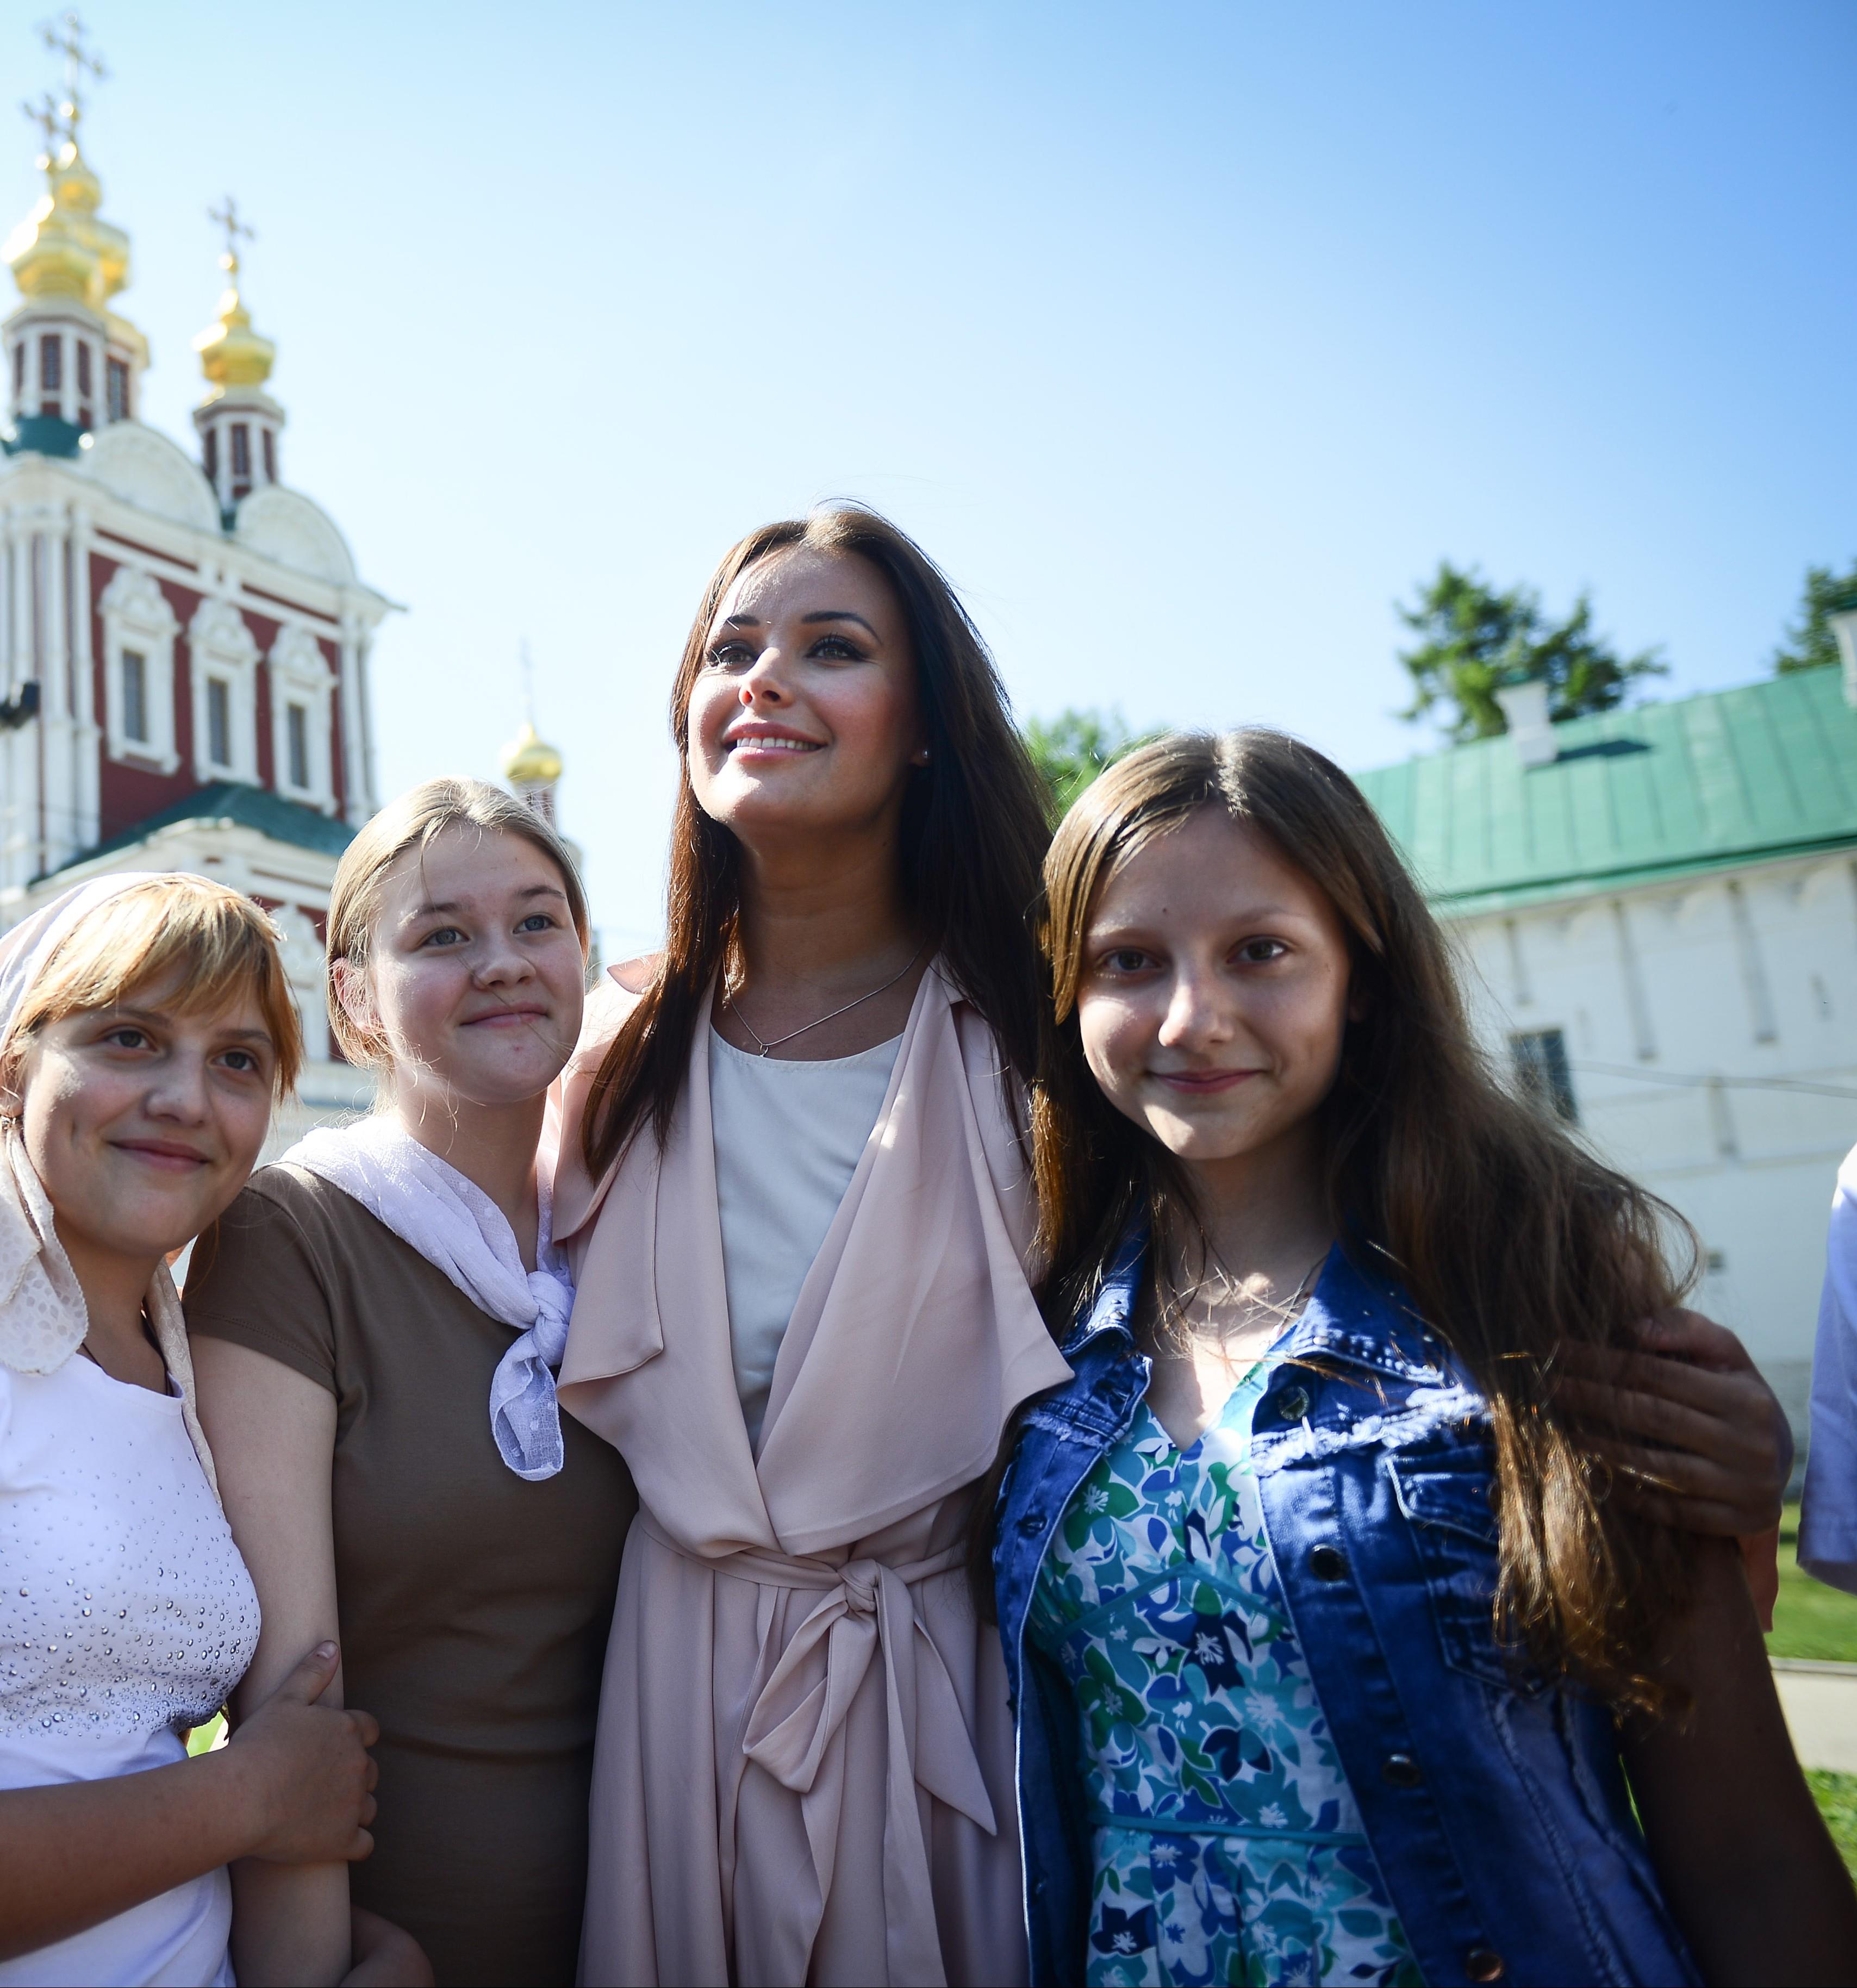 Оксана Федорова: Дед Мороз существует